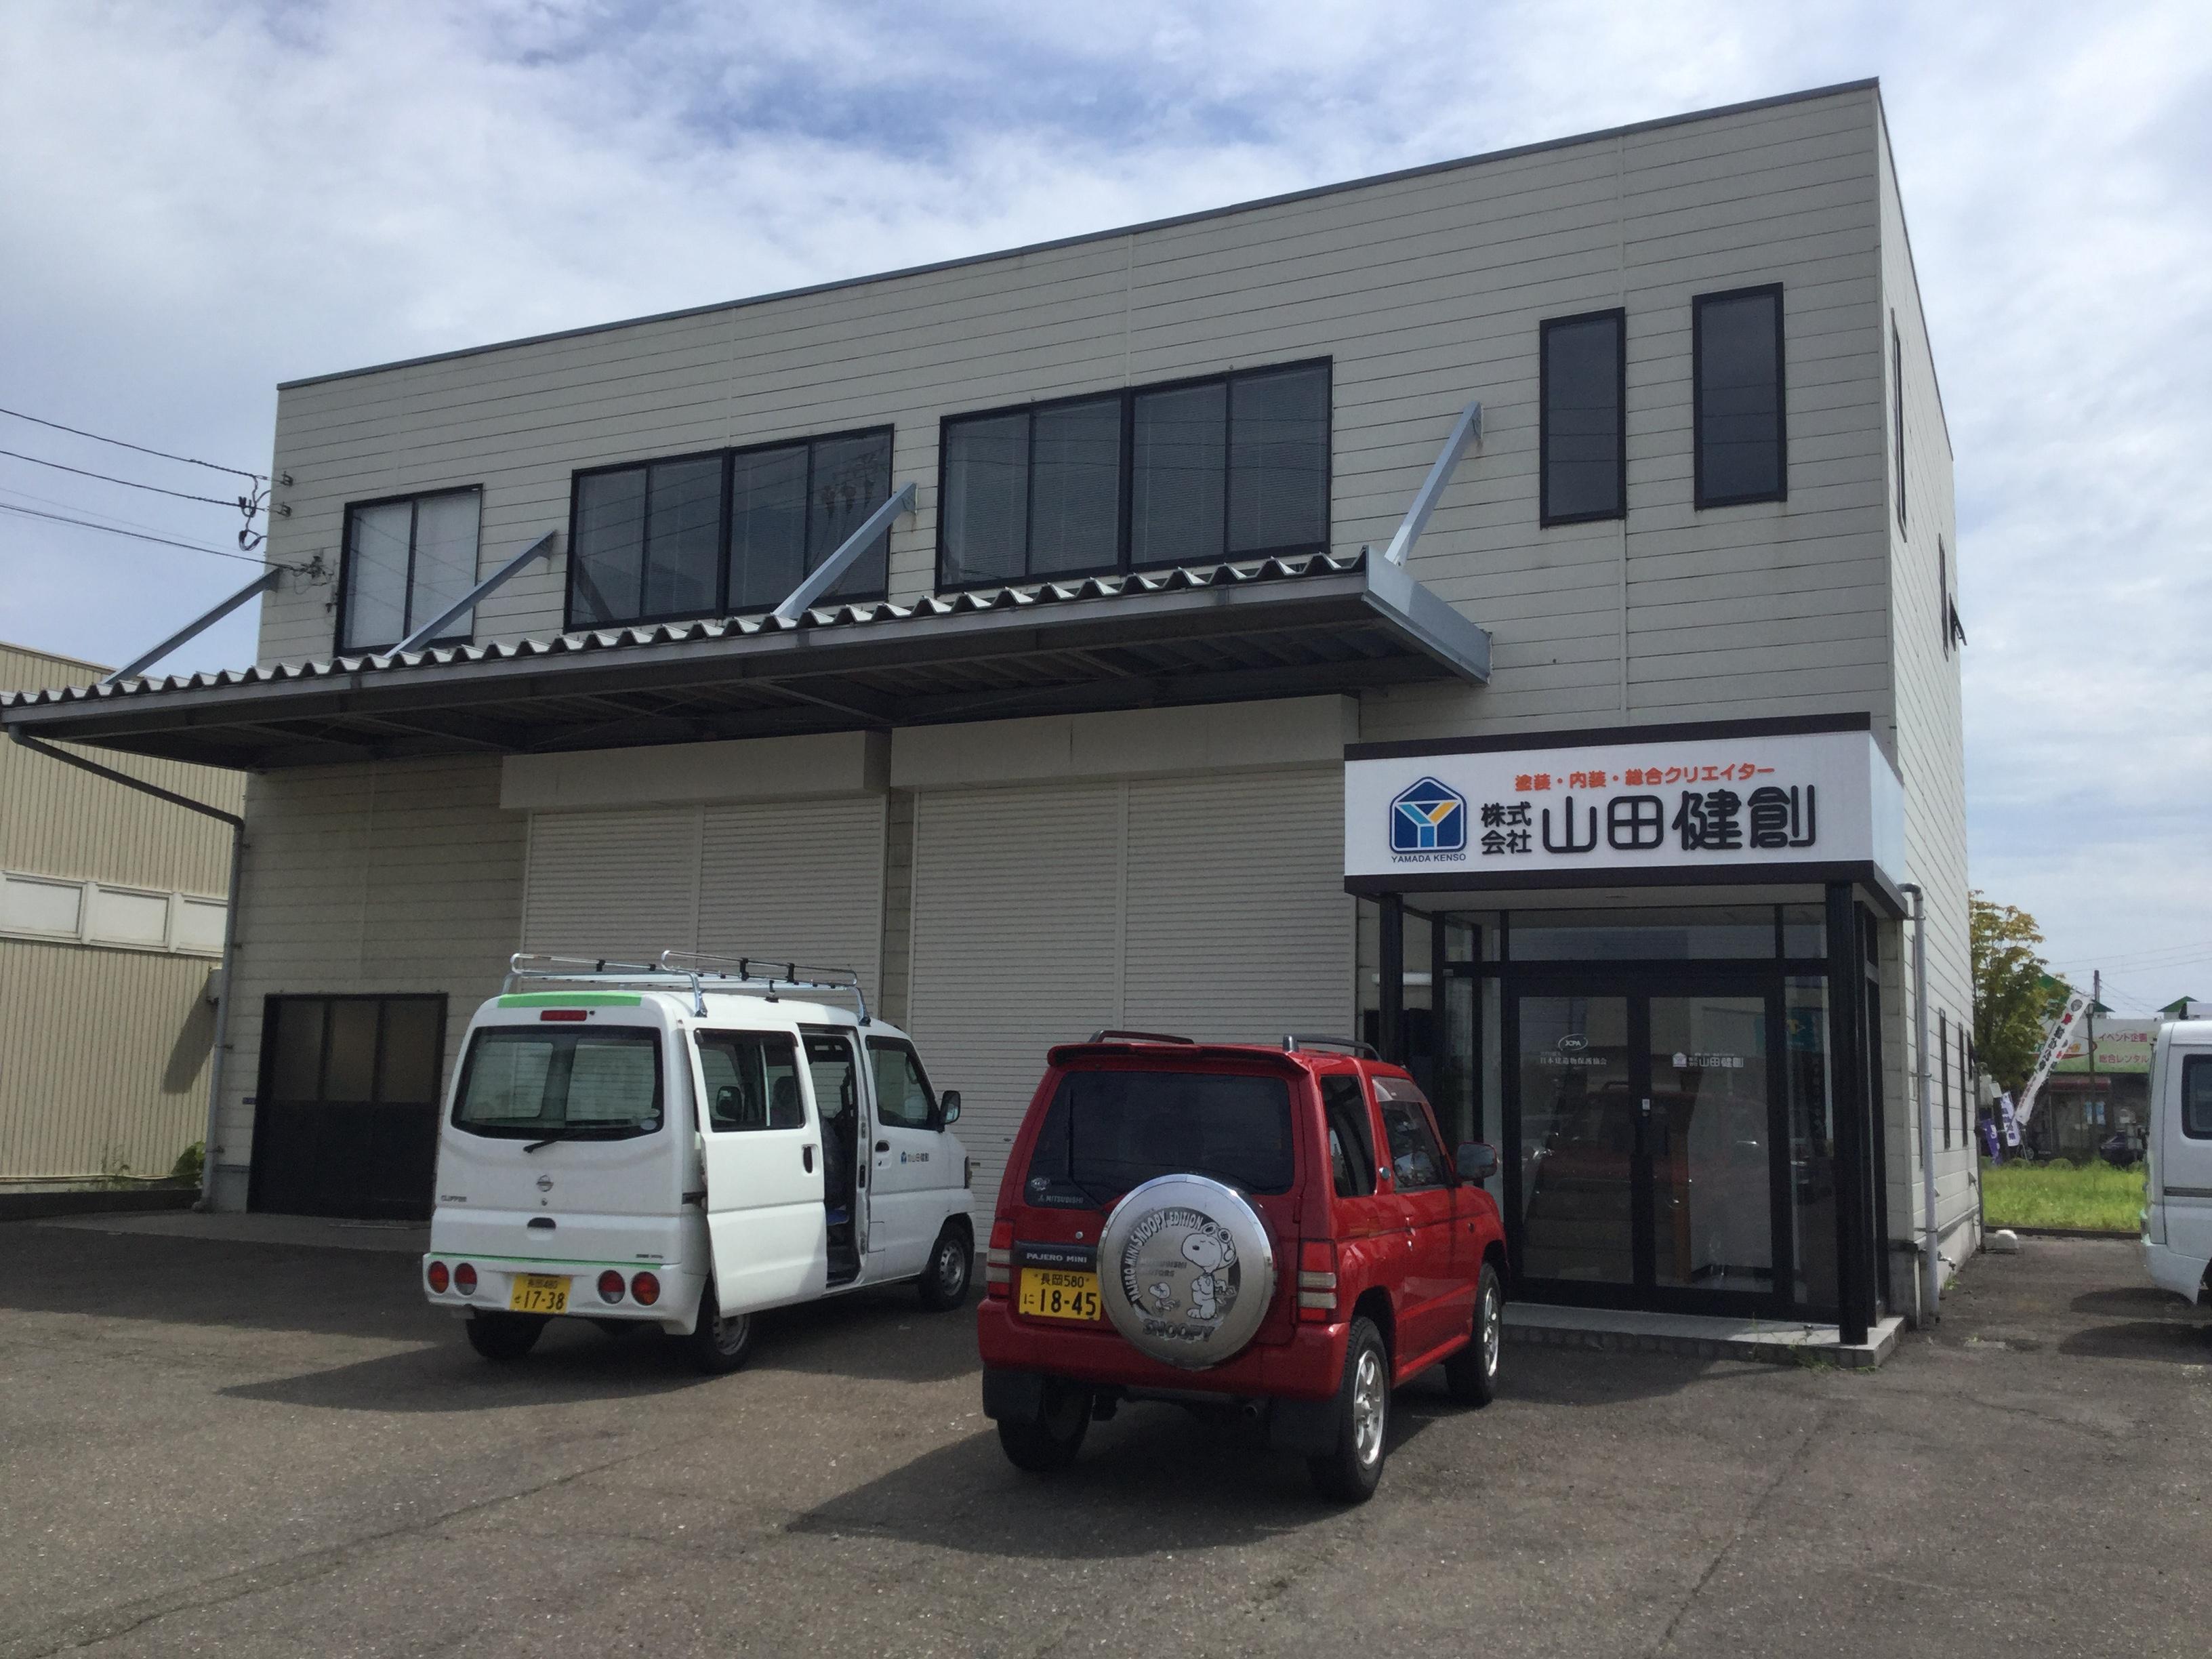 液体ガラス塗装工業株式会社(新潟県)の店舗イメージ